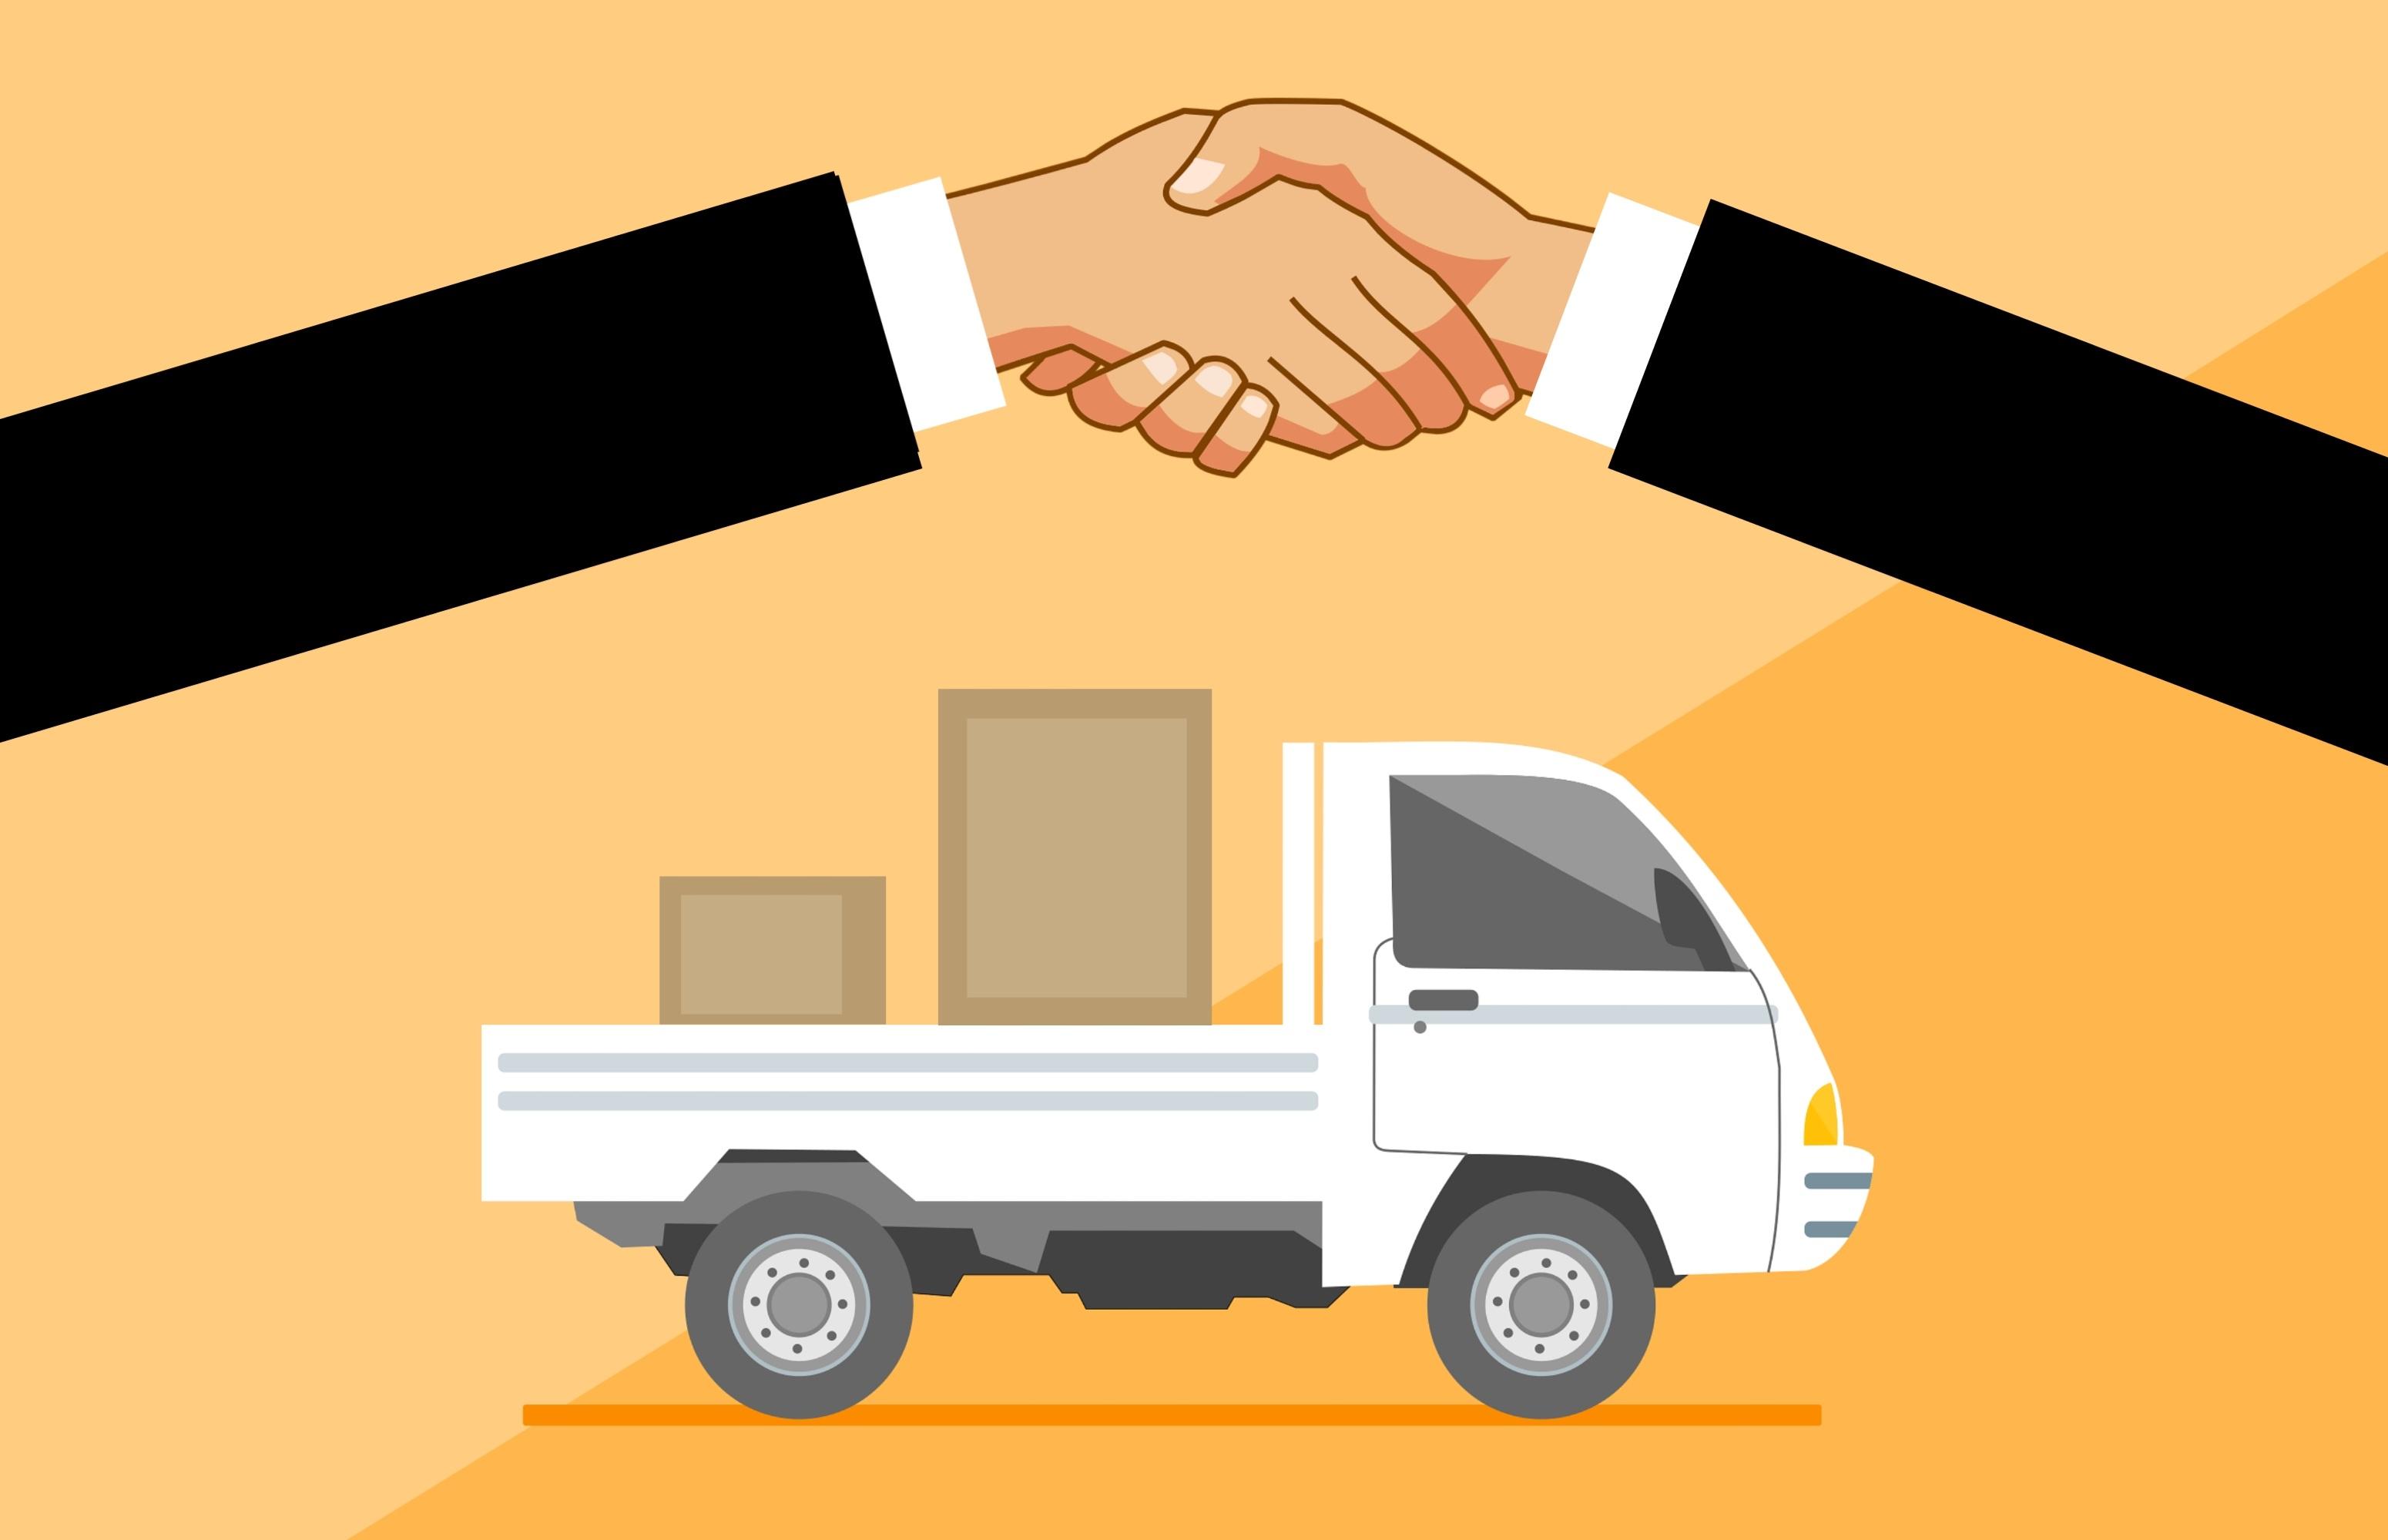 تغيير الاسعار من مشاكل الشحن و التوصيل في التجارة الالكترونية